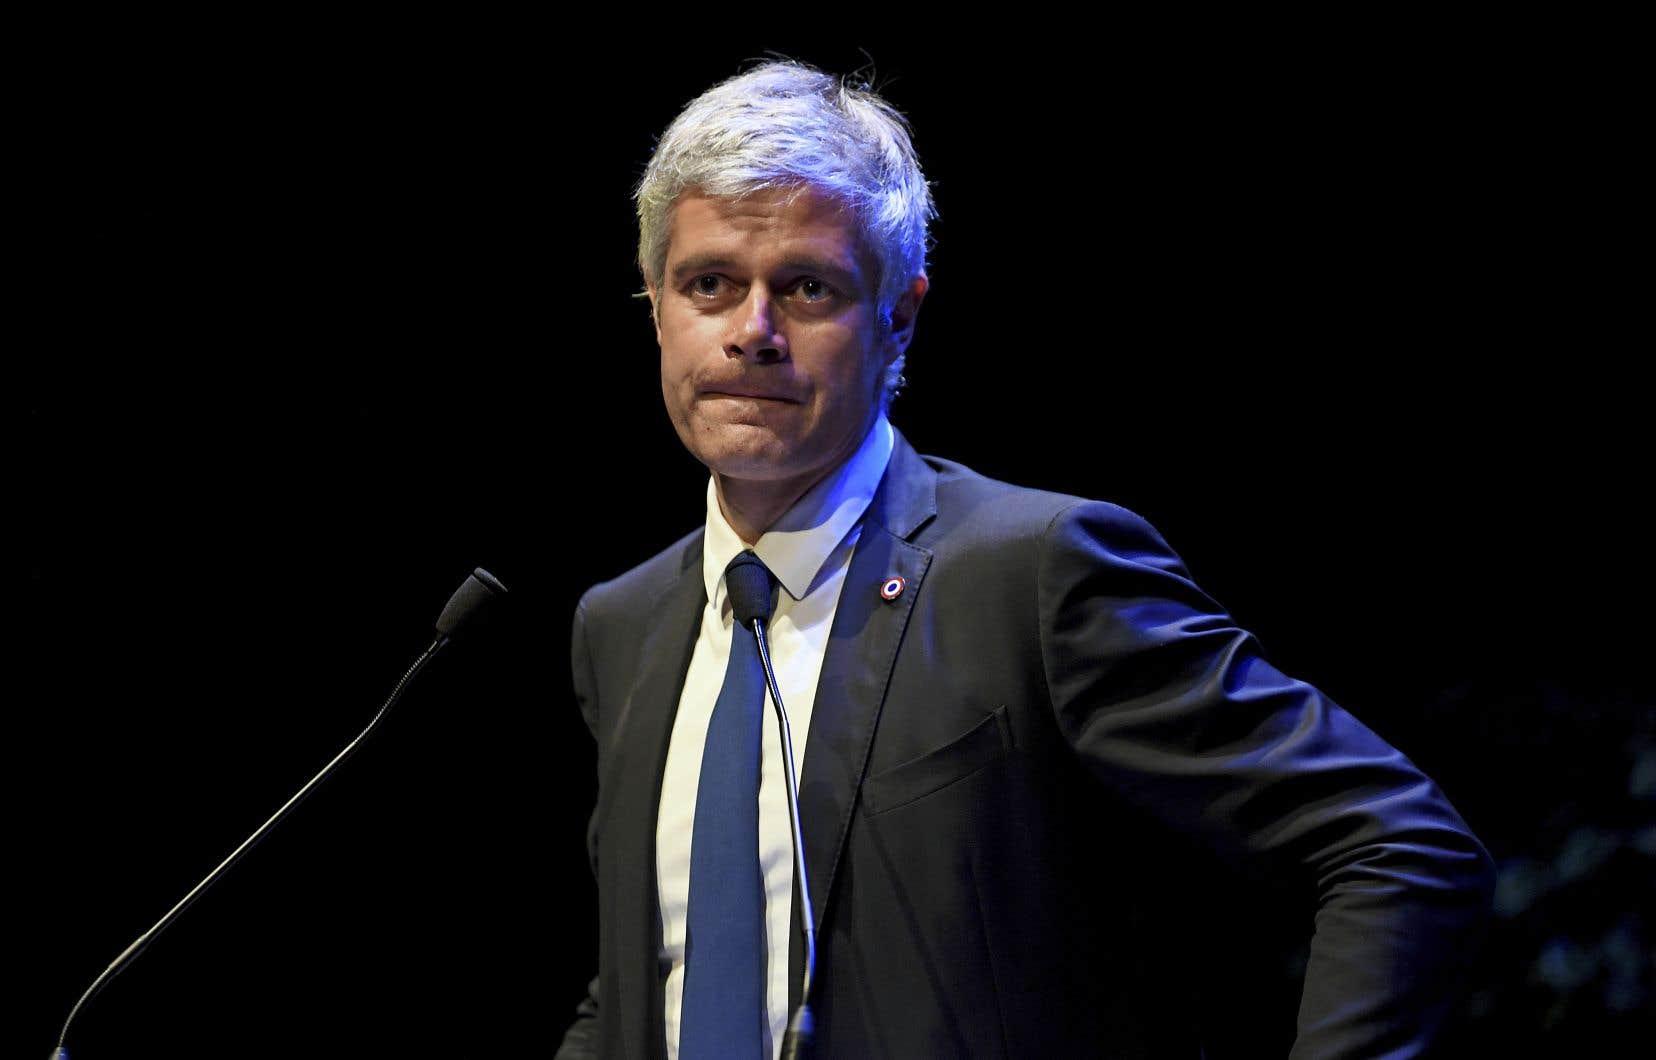 Le président du parti Les Républicains, Laurent Wauquiez, a démissionné la semaine dernière.